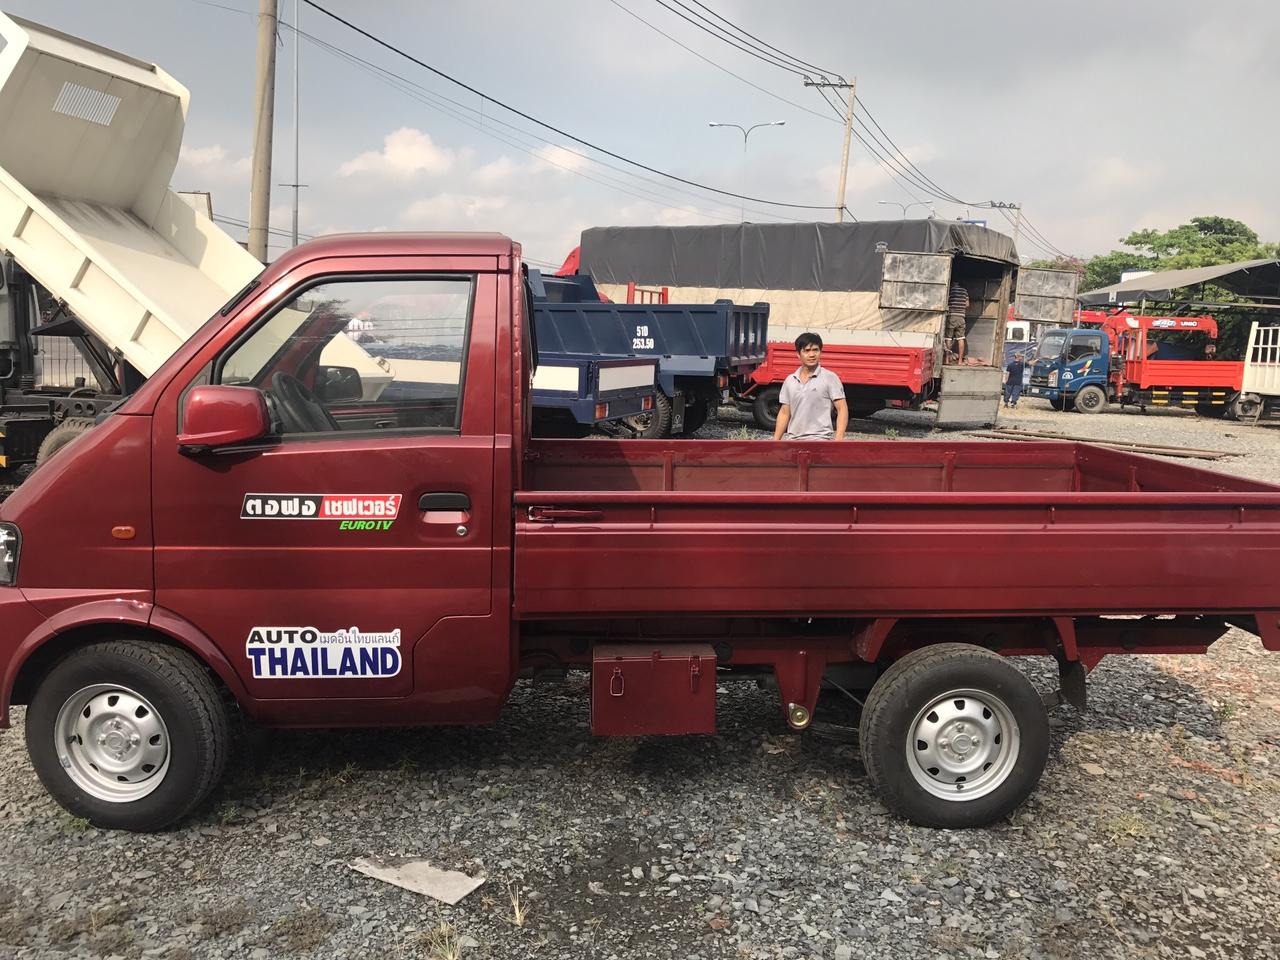 xe-tải-nhỏ-thái-lan